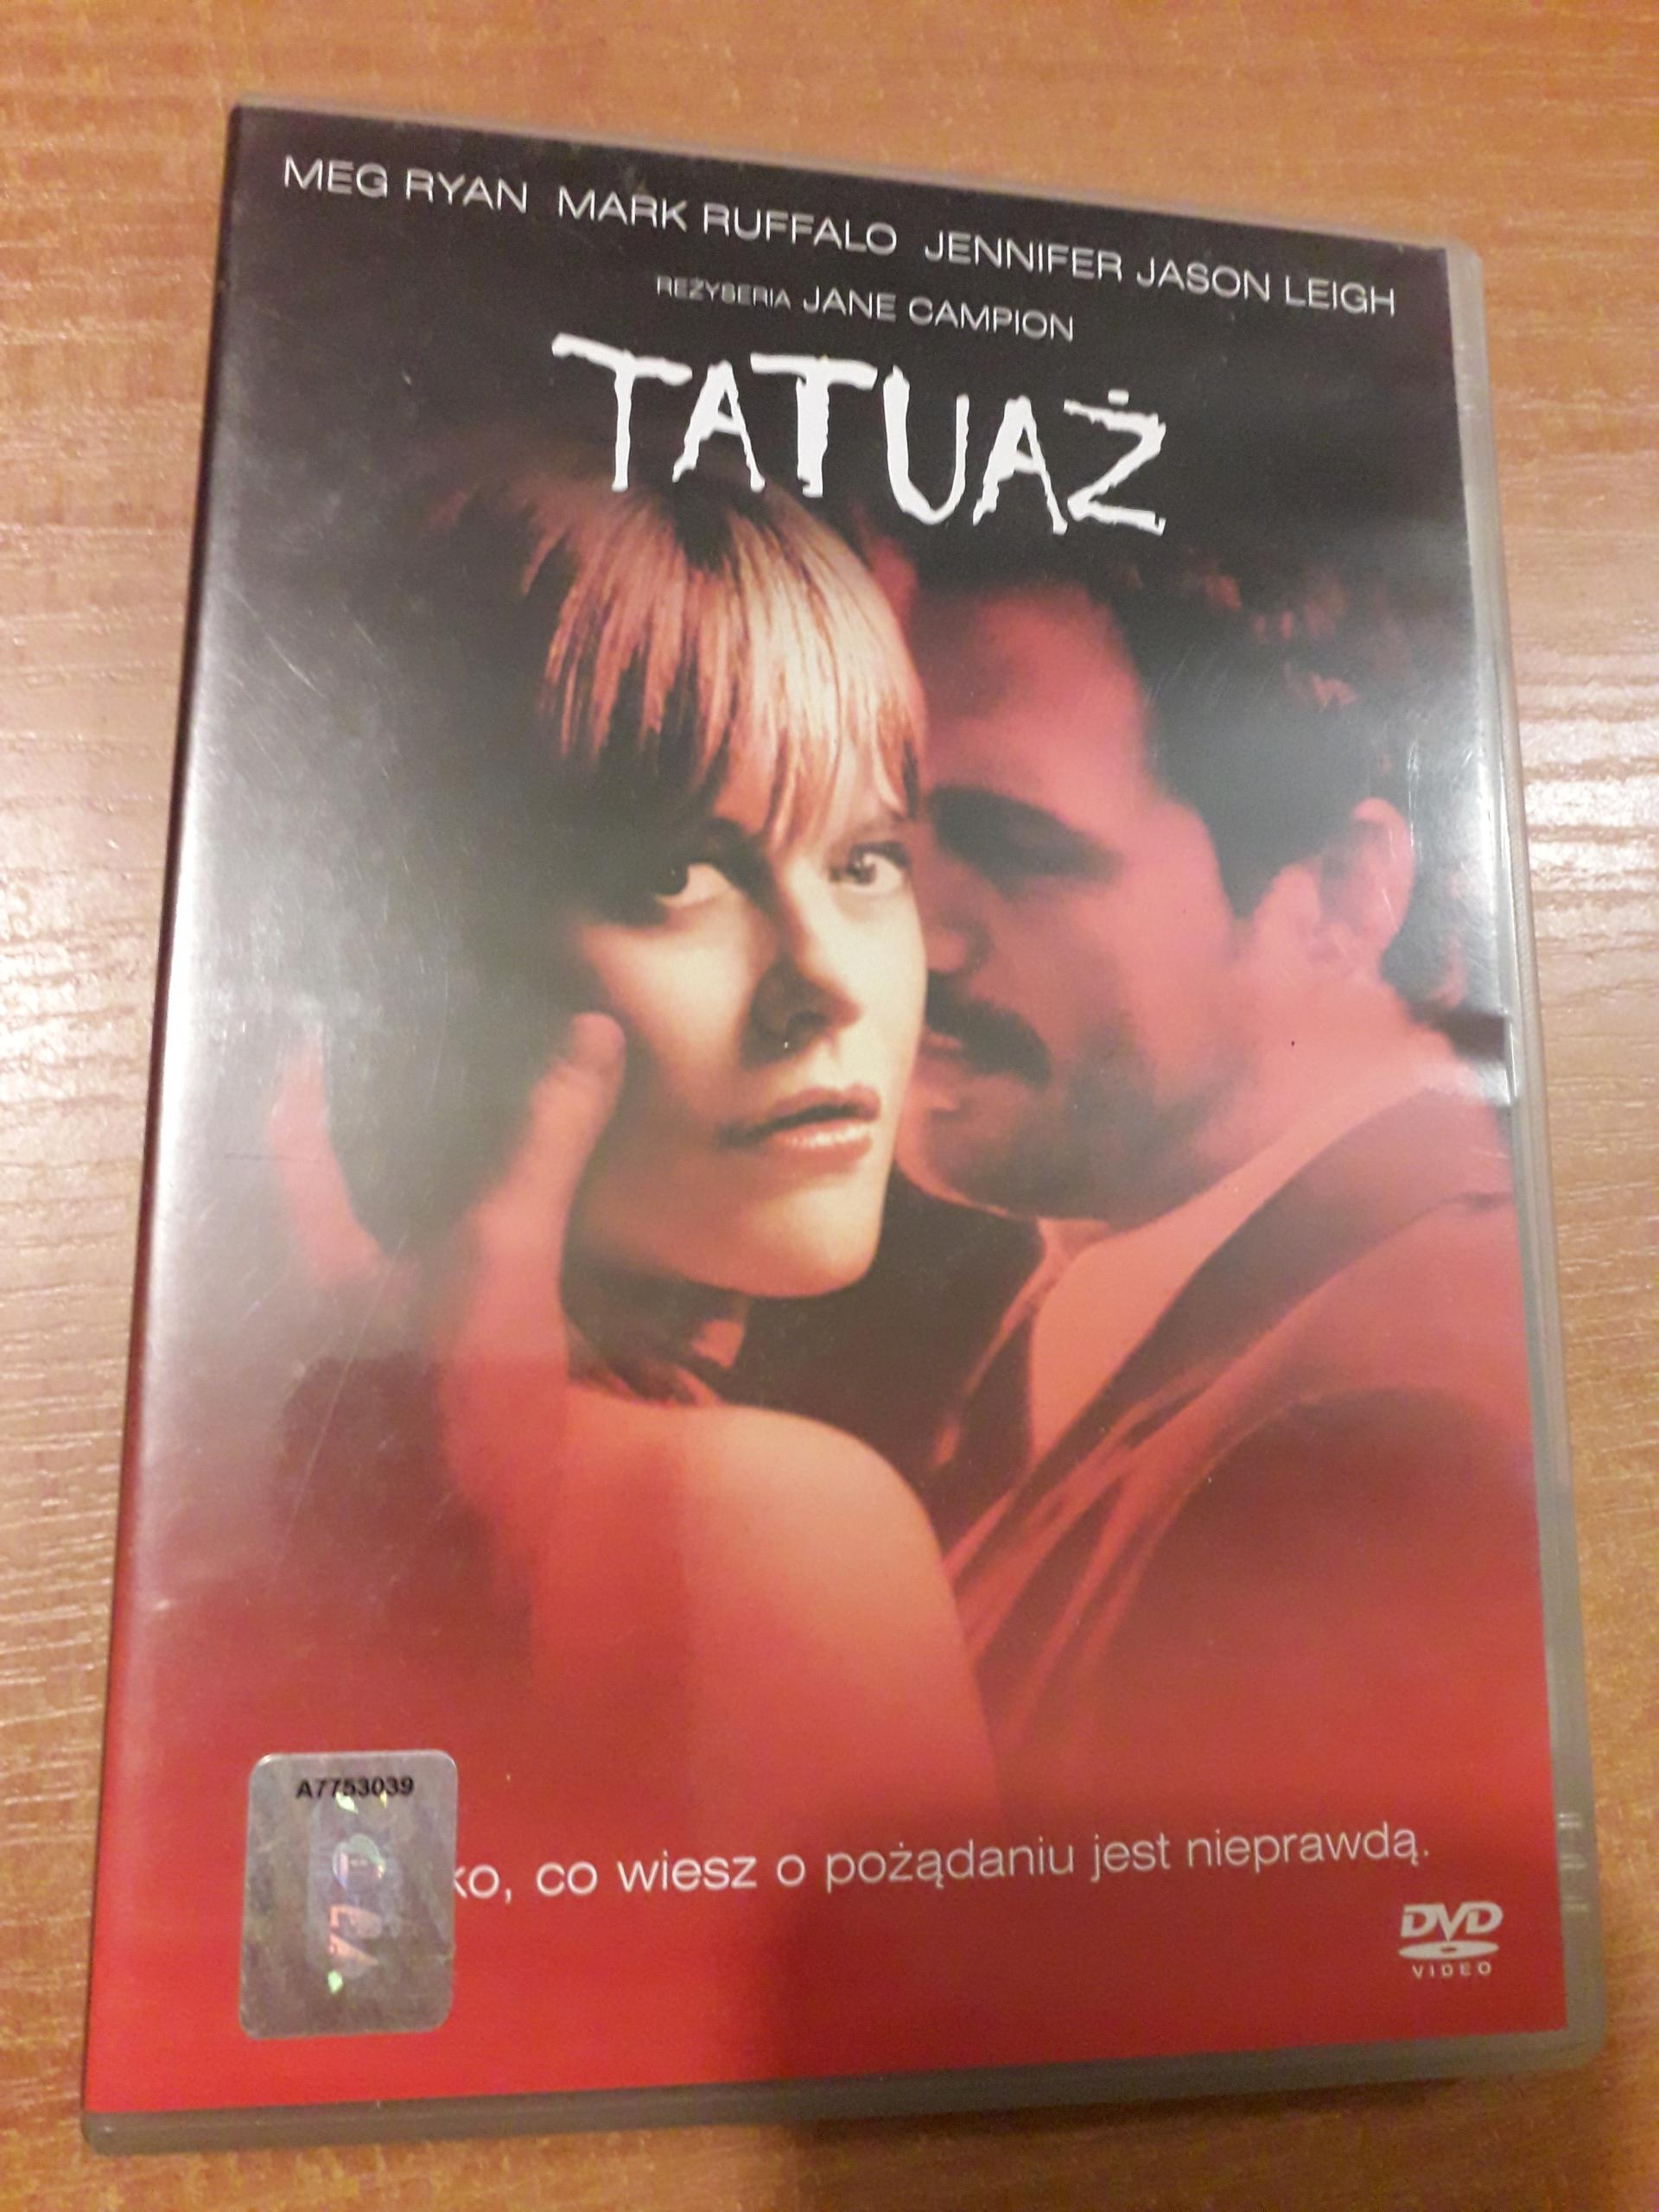 Tatuaż Dvd Używane 7861160947 Oficjalne Archiwum Allegro